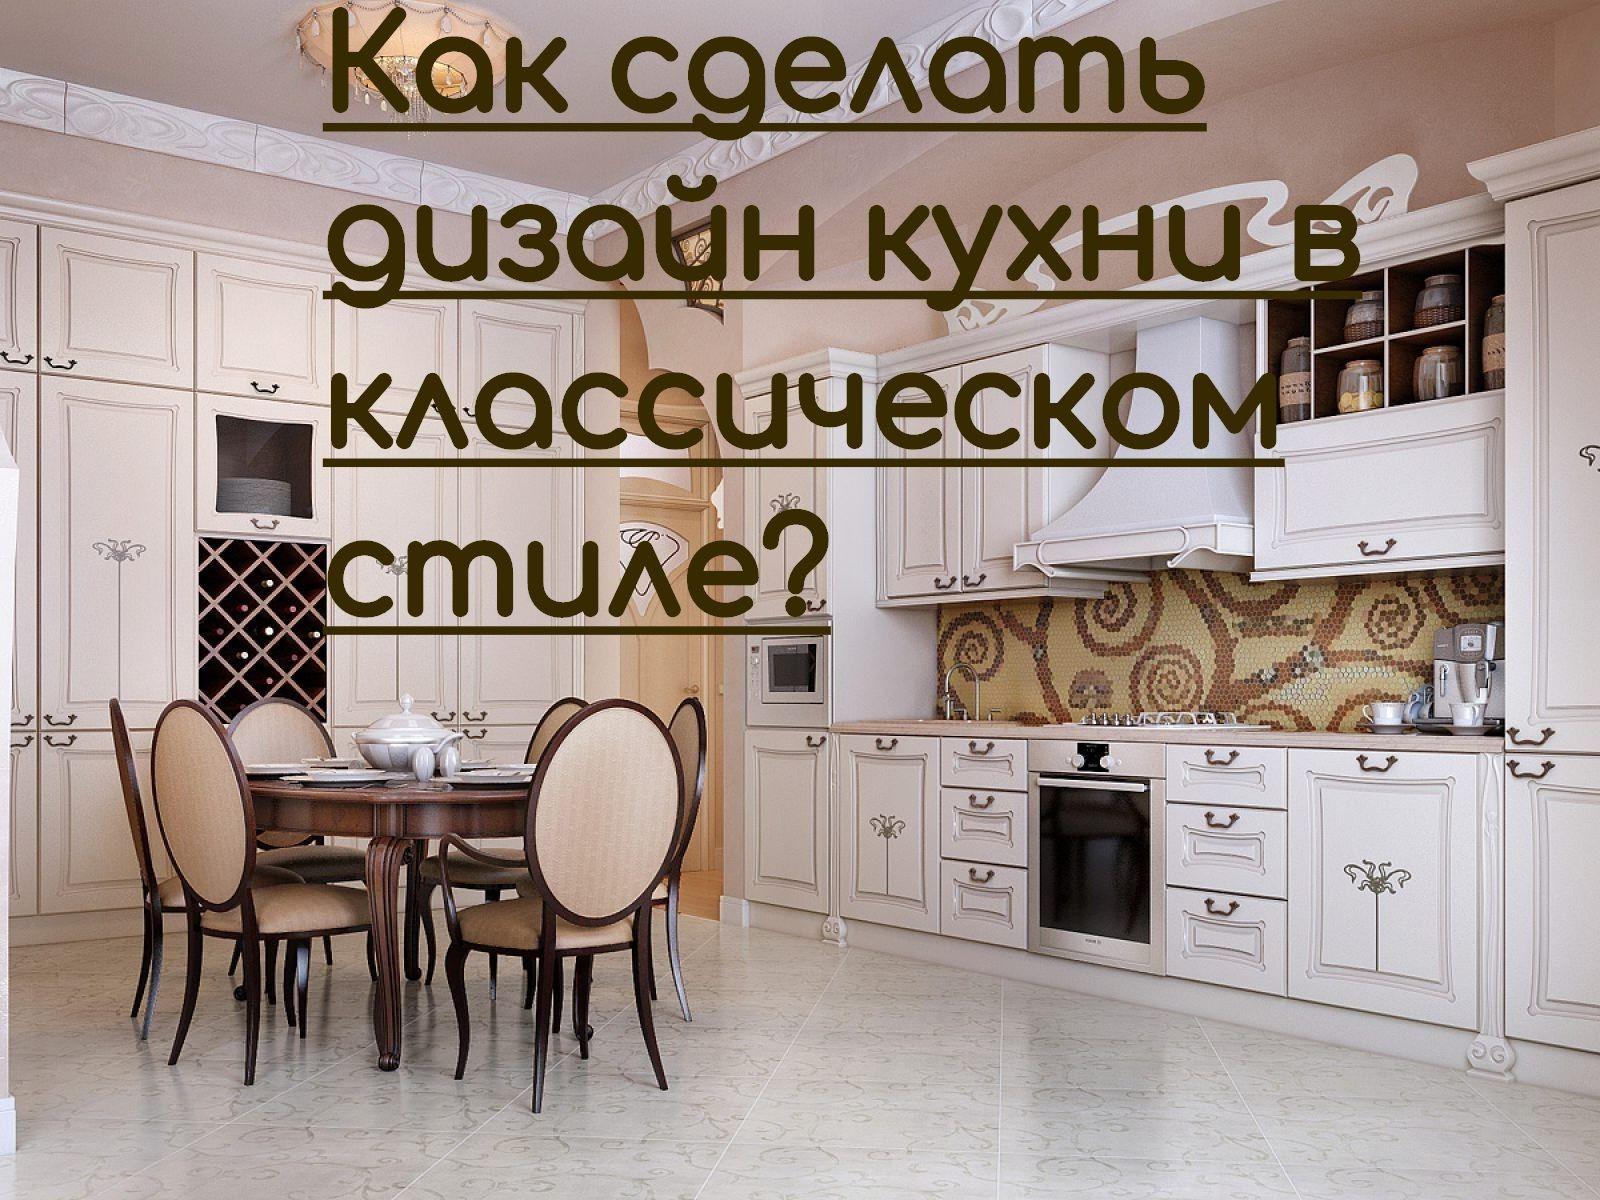 Дизайн интерьера кухни в Москве в классическом стиле. Белый кухонный гарнитур. Лепнина на потолке